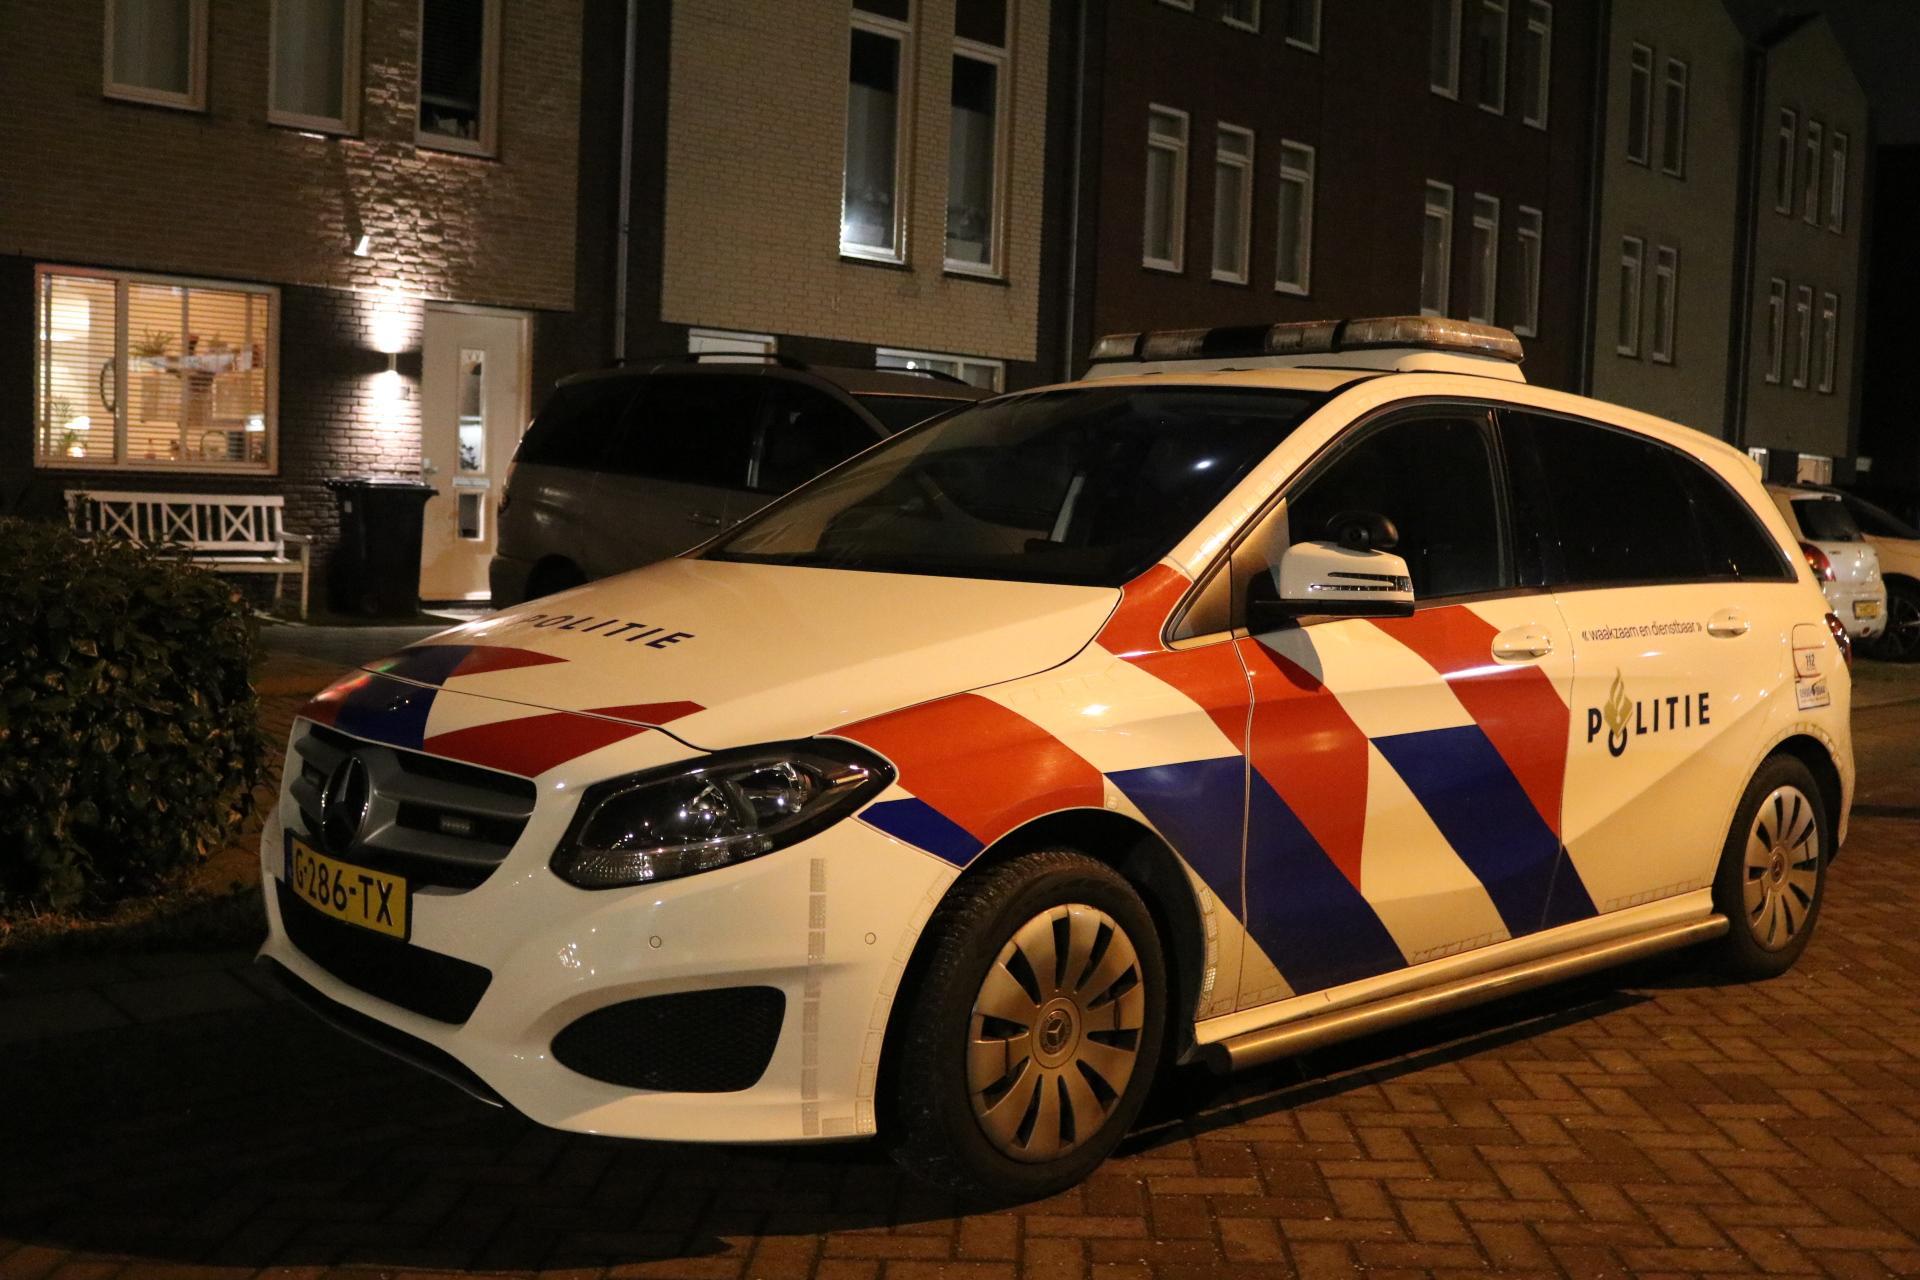 Fietser van geld en telefoon beroofd in Rijnsburg, twee daders gaan er op fiets vandoor